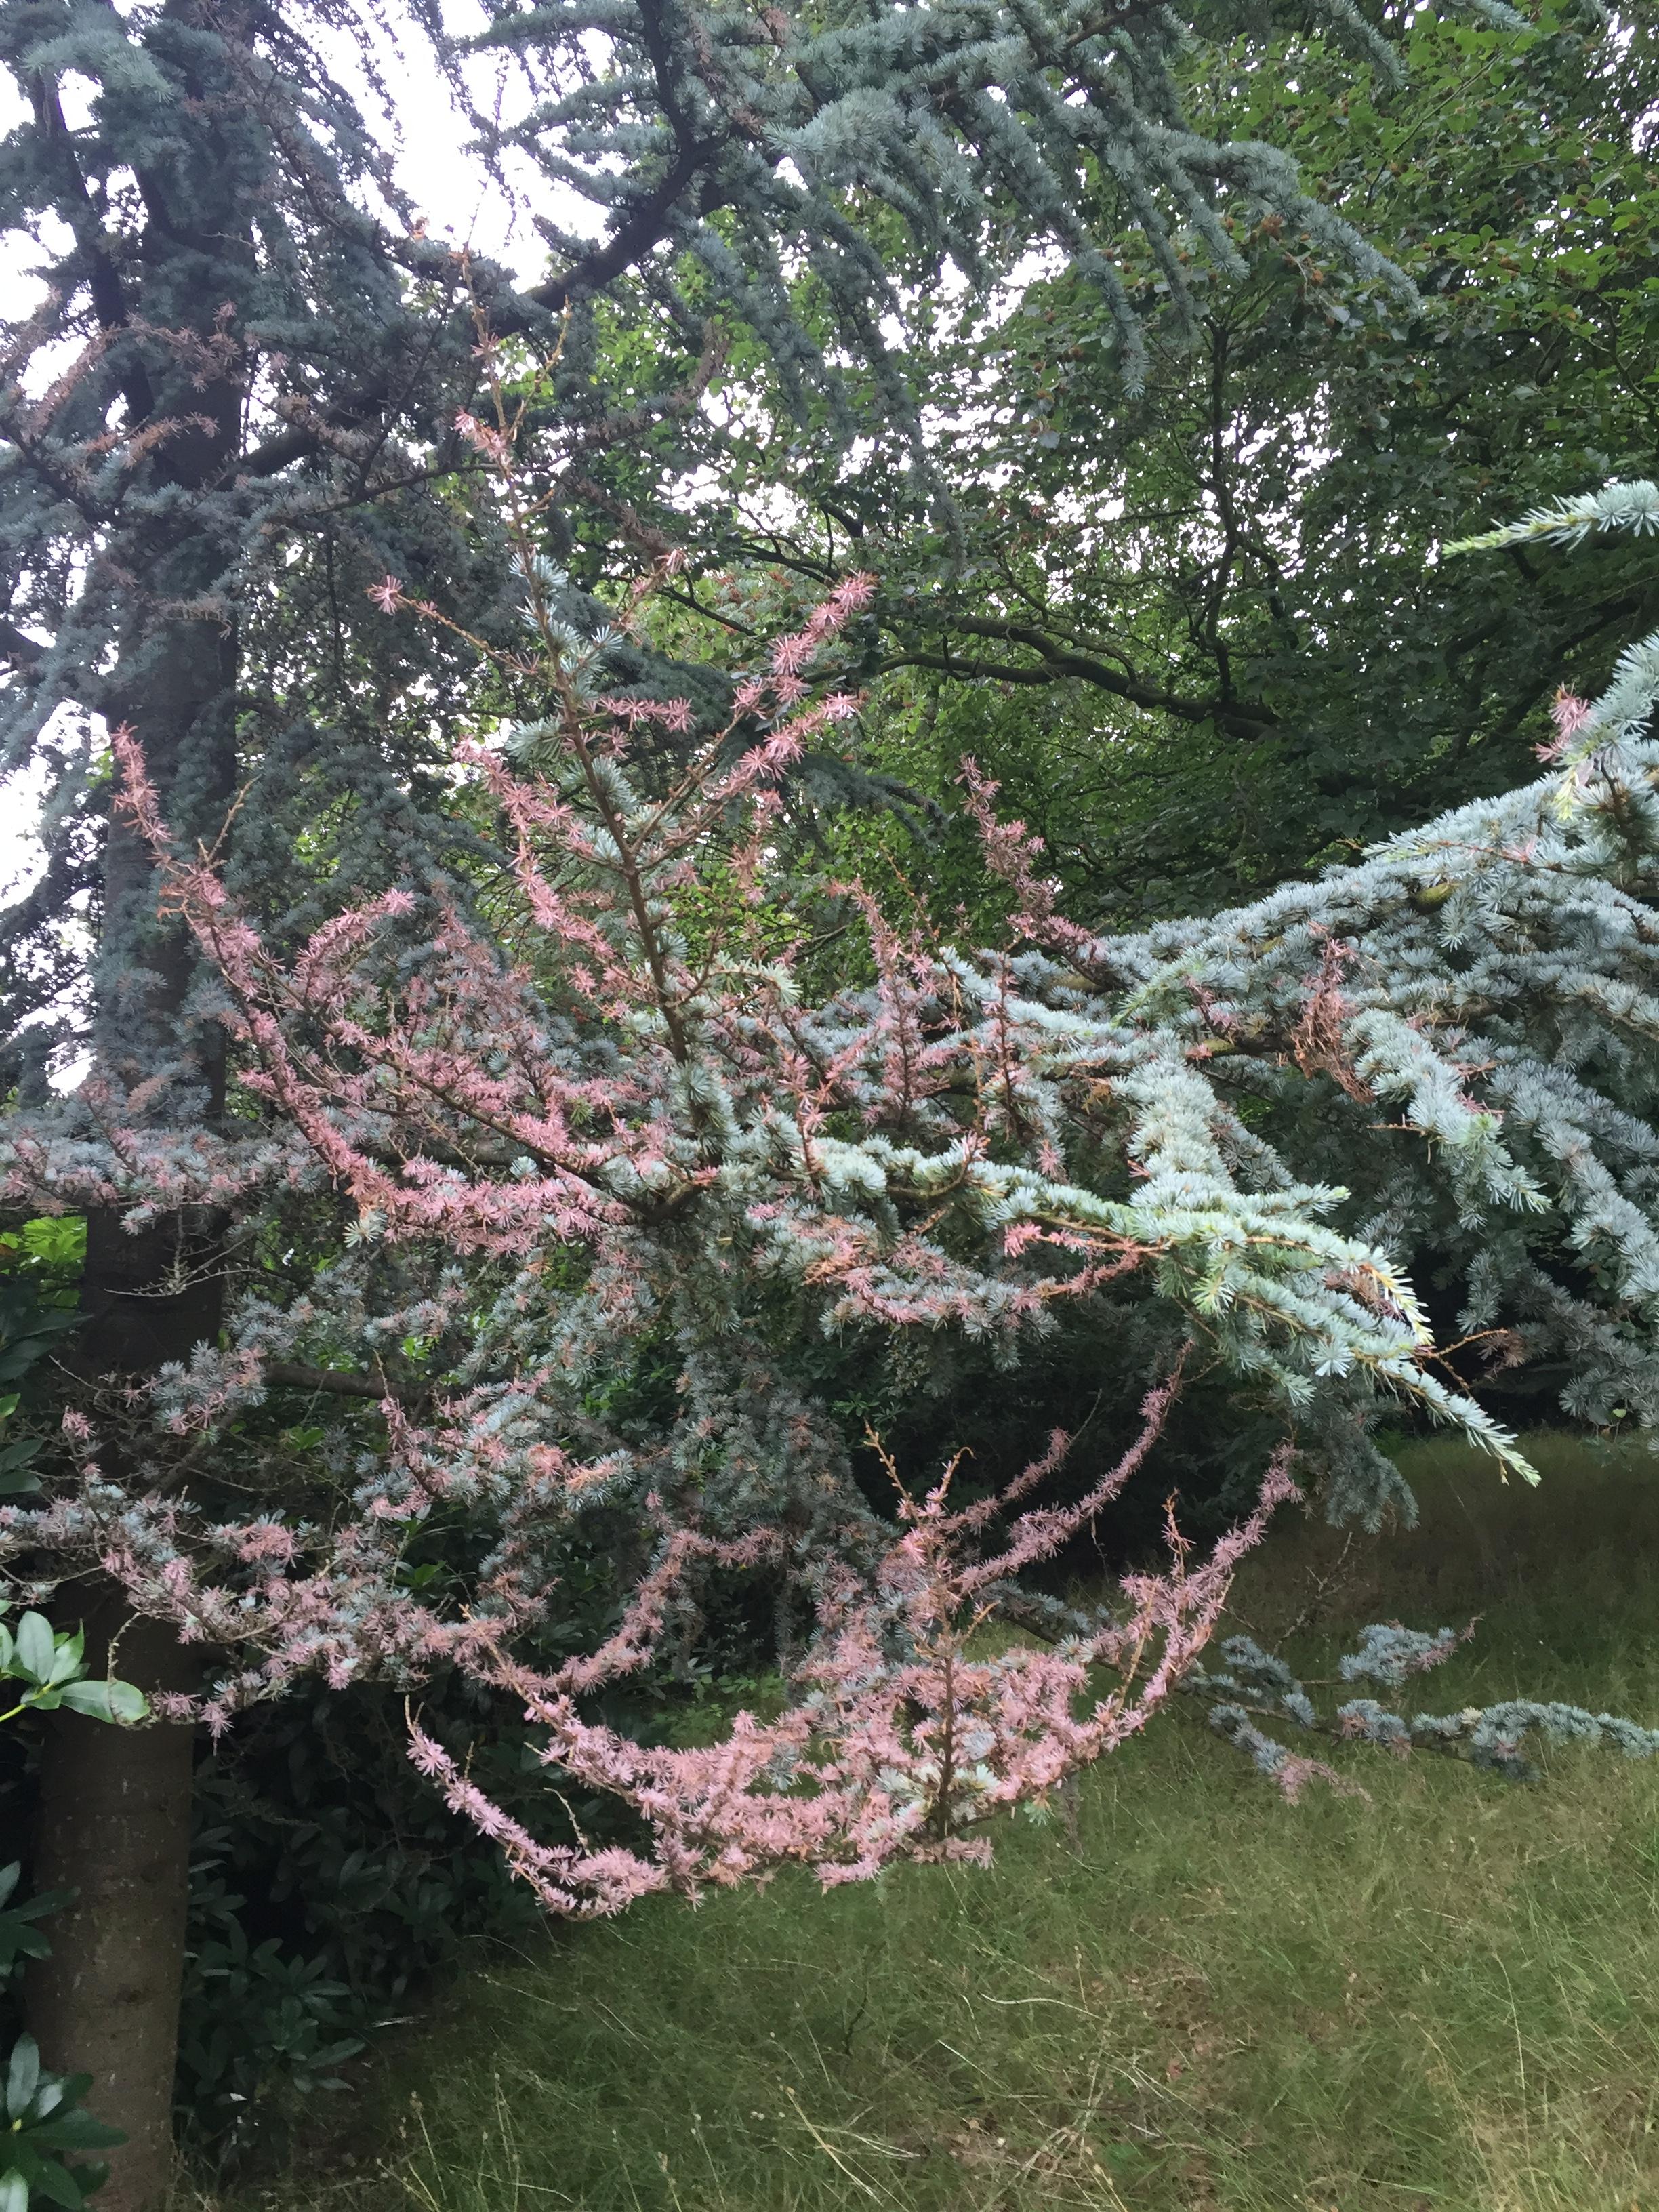 Blue Atlas Cedar with disease